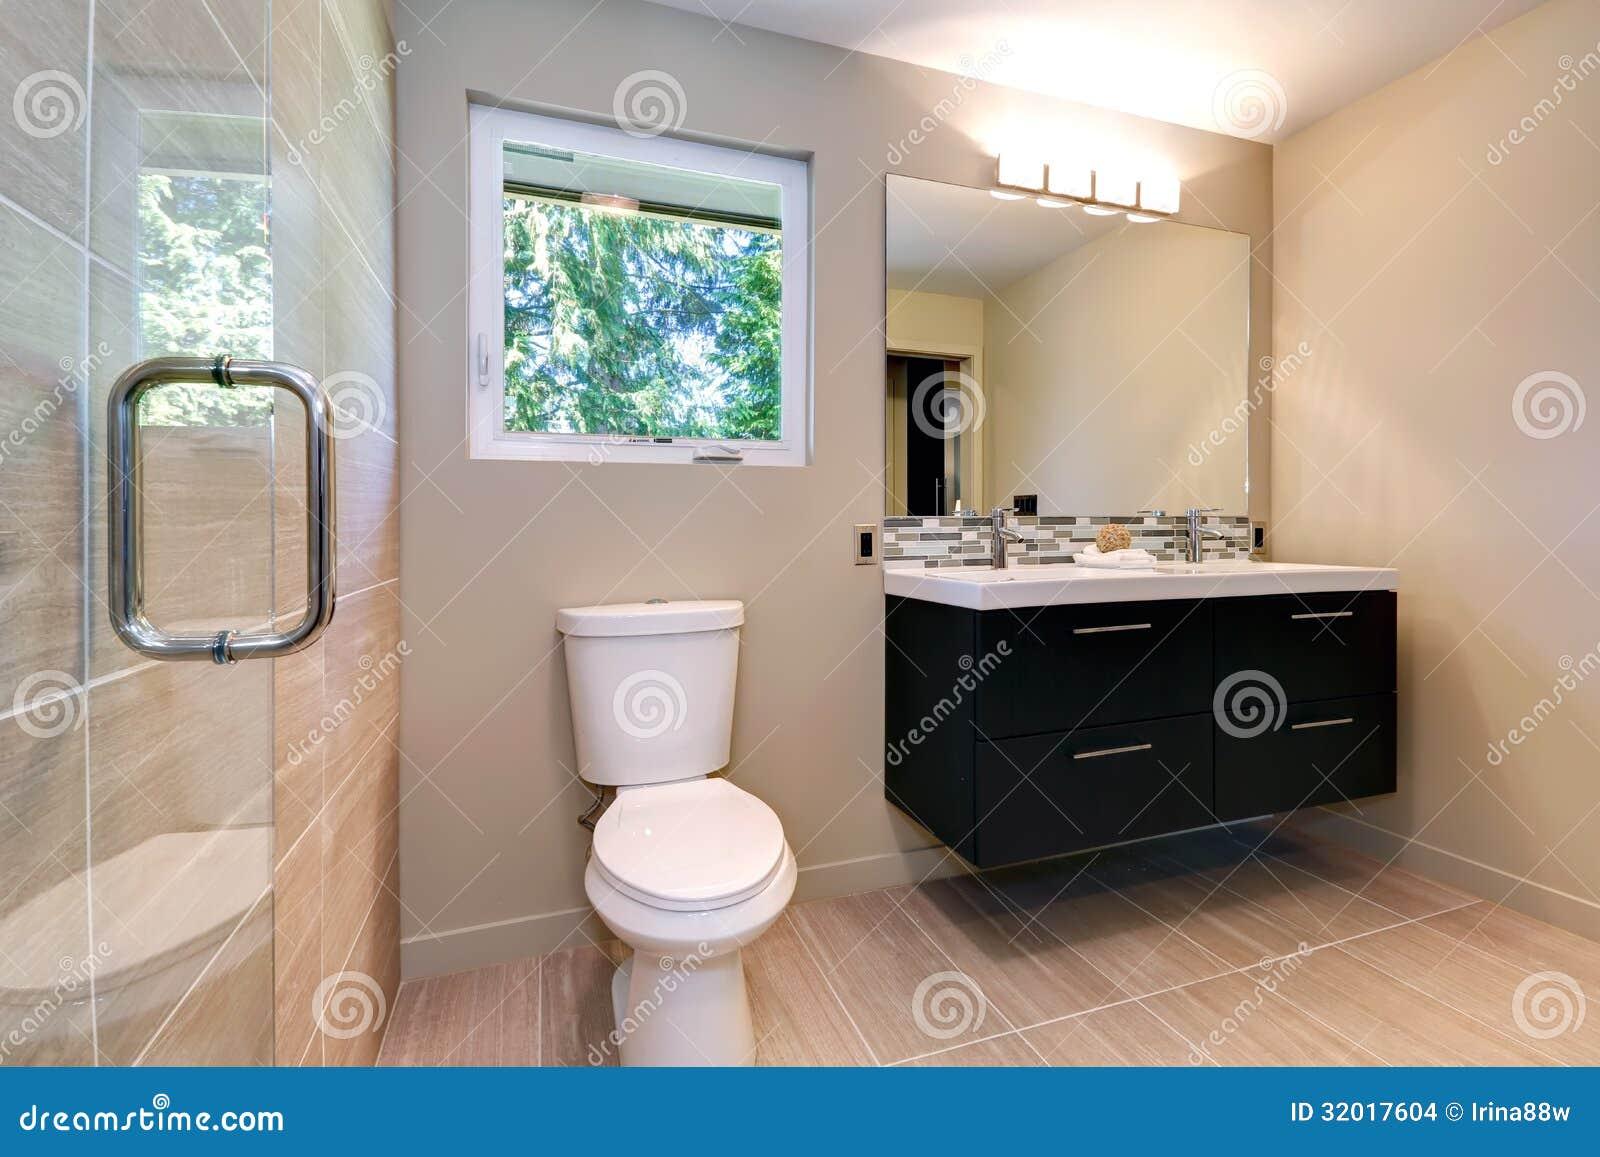 Banheiro Moderno Simples Novo Com Dissipadores Dobro E O Azulejo Natural Ima -> Azulejo Banheiro Moderno